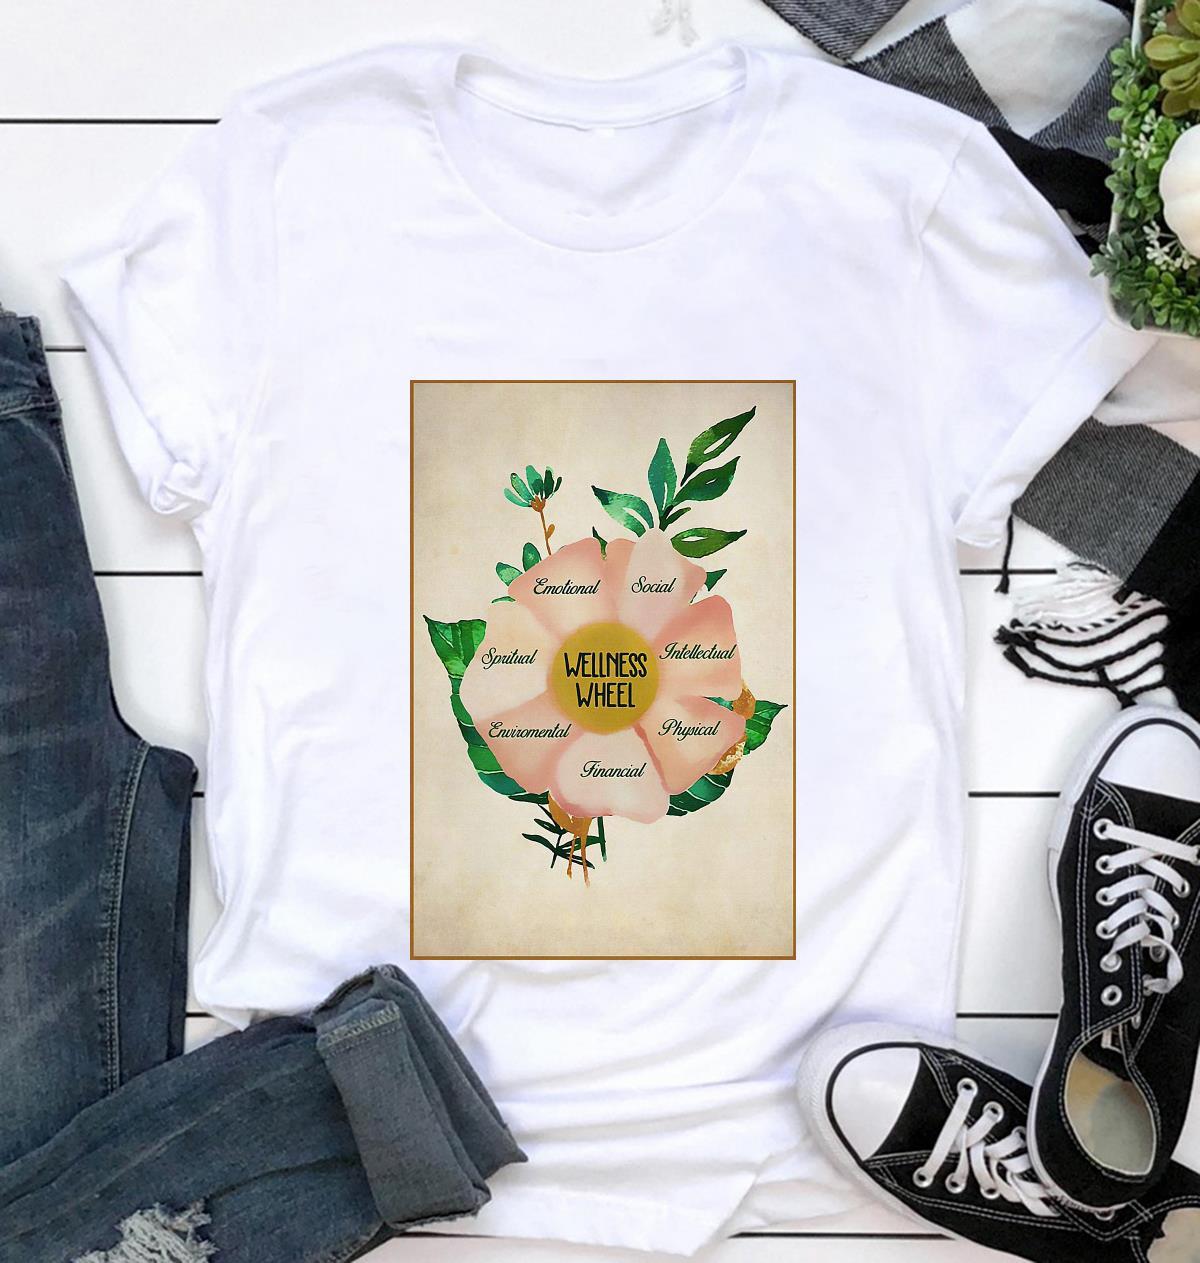 Social worker wellness wheel poster t-shirt